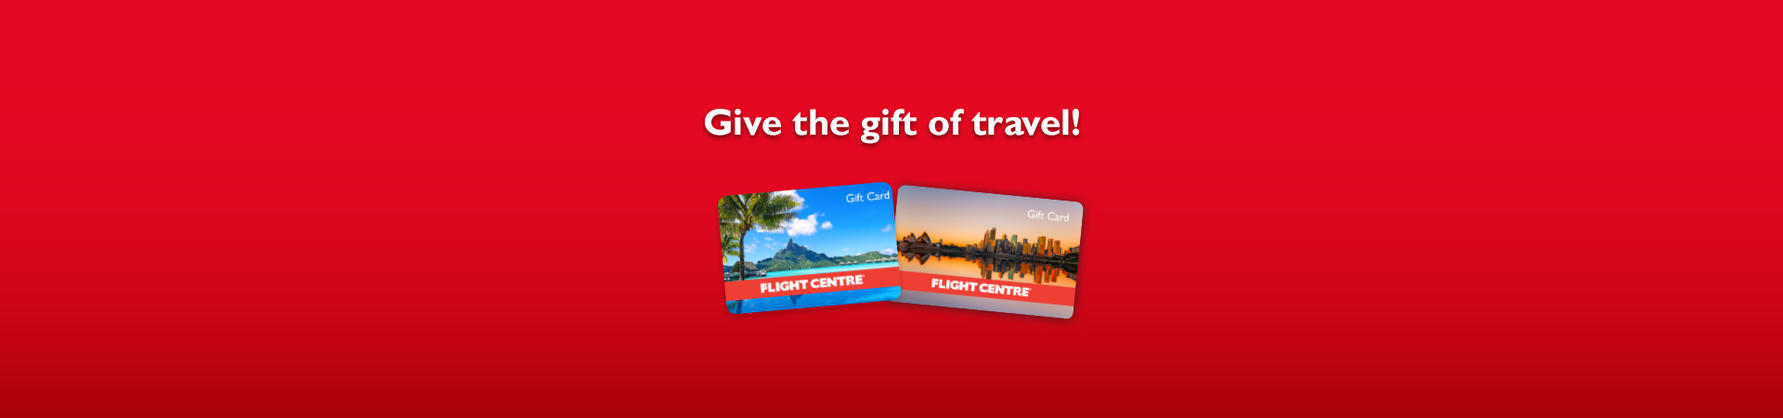 Flight Centre Gift Cards | Flight Centre NZ